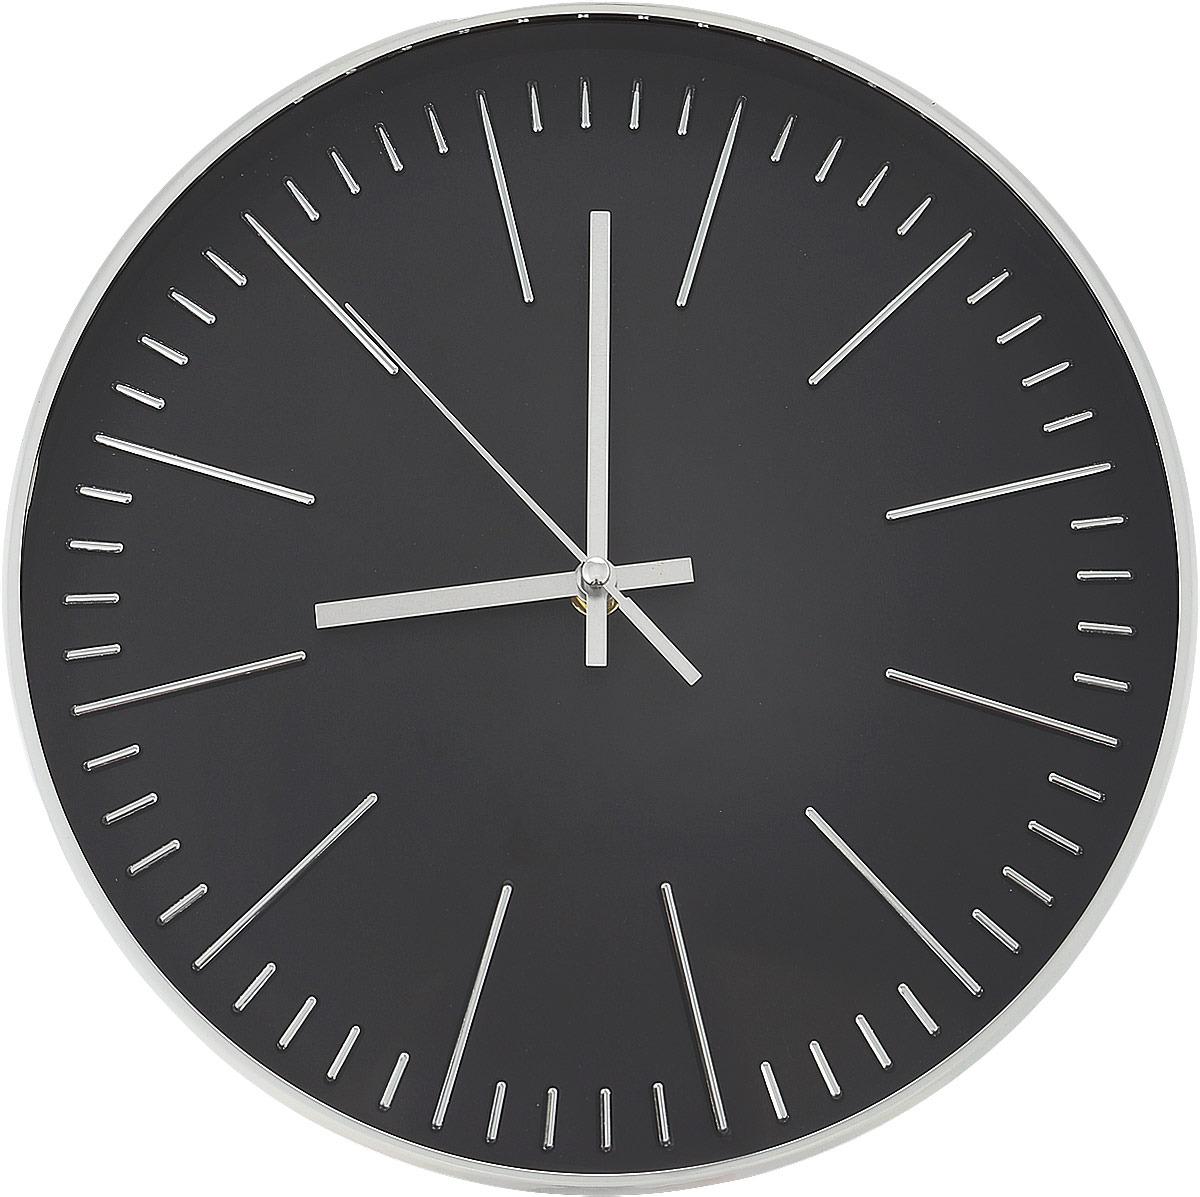 Часы настенные Innova, цвет: серебристый, черный, диаметр 30 см. W09644 часы настенные innova w09656 цвет белый диаметр 35 см